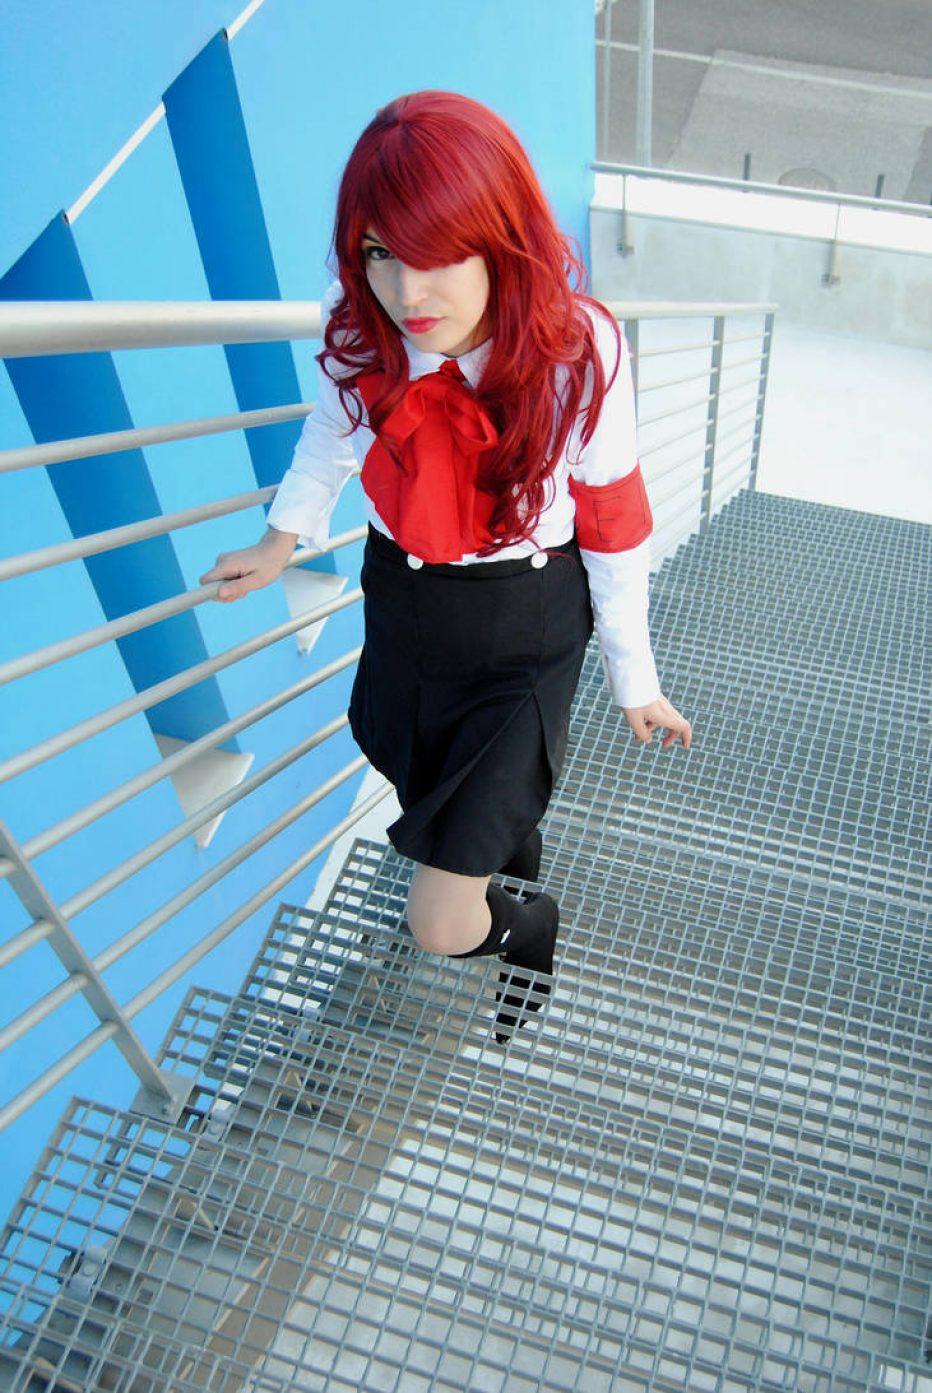 Persona-3-Mitsuru-Kirijo-Cosplay-Gamers-Heroes-3.jpg